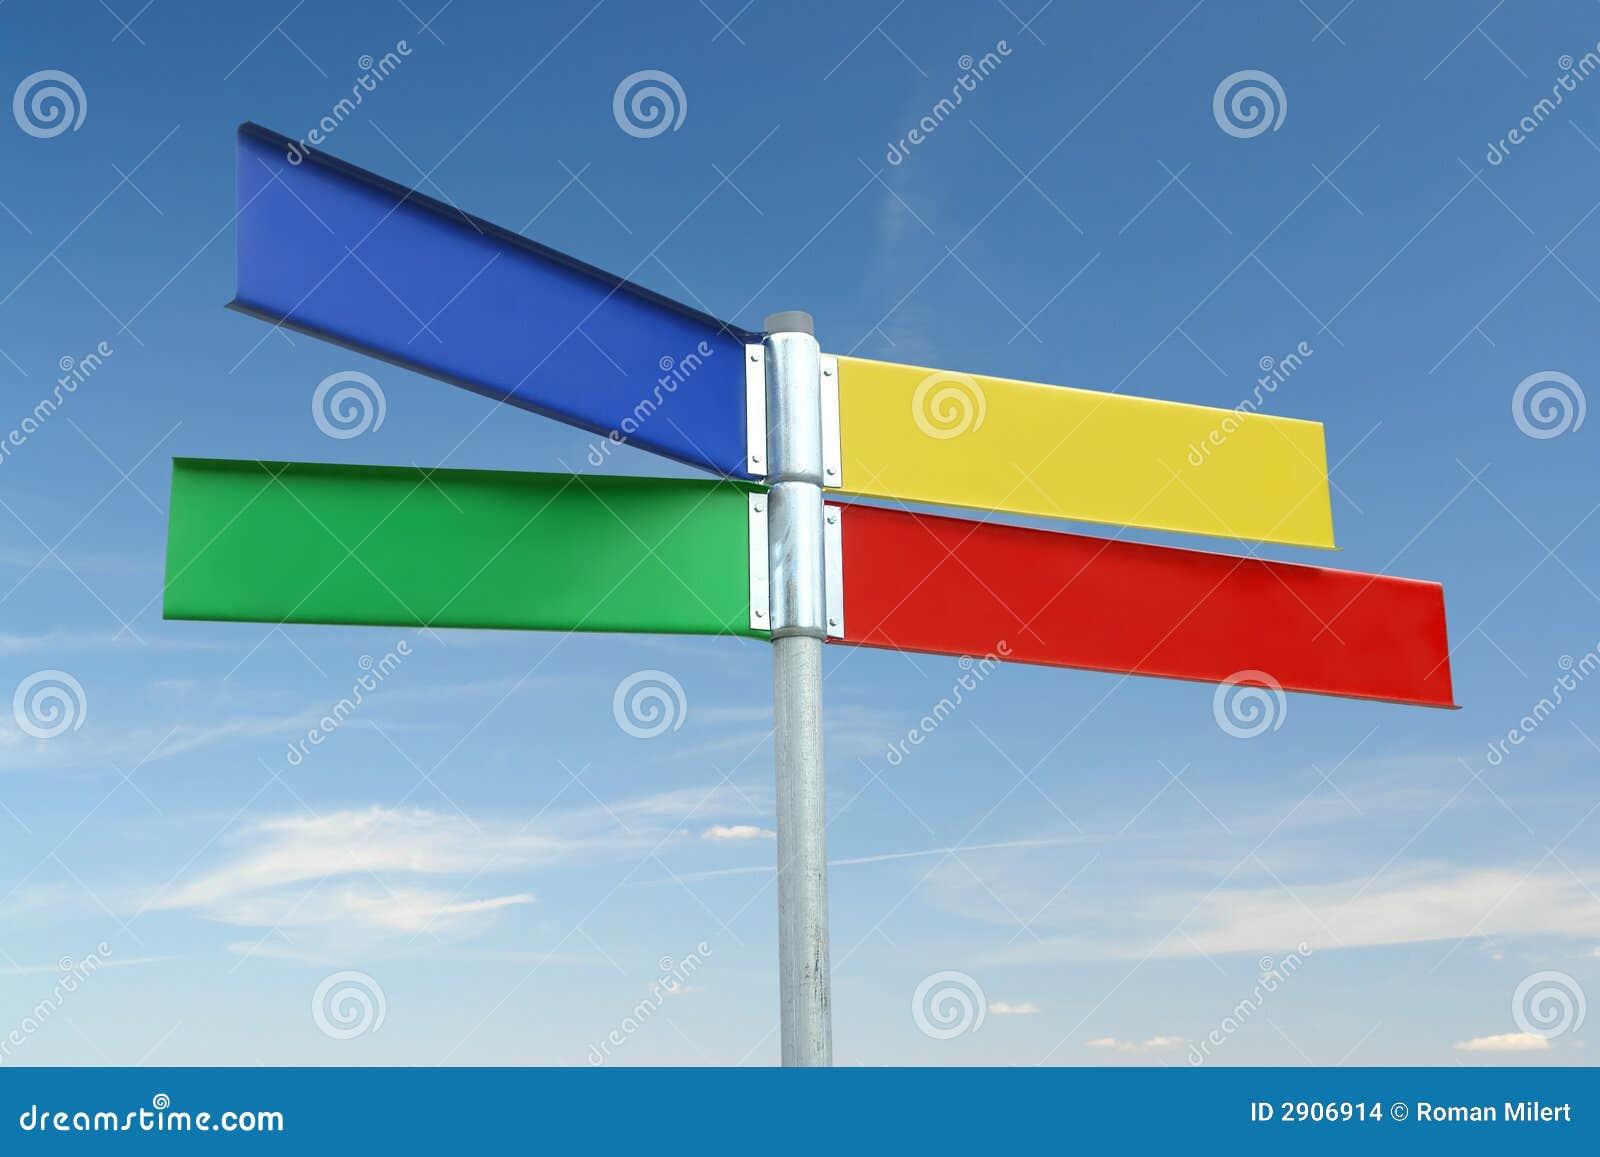 Poste indicador del color de Multway